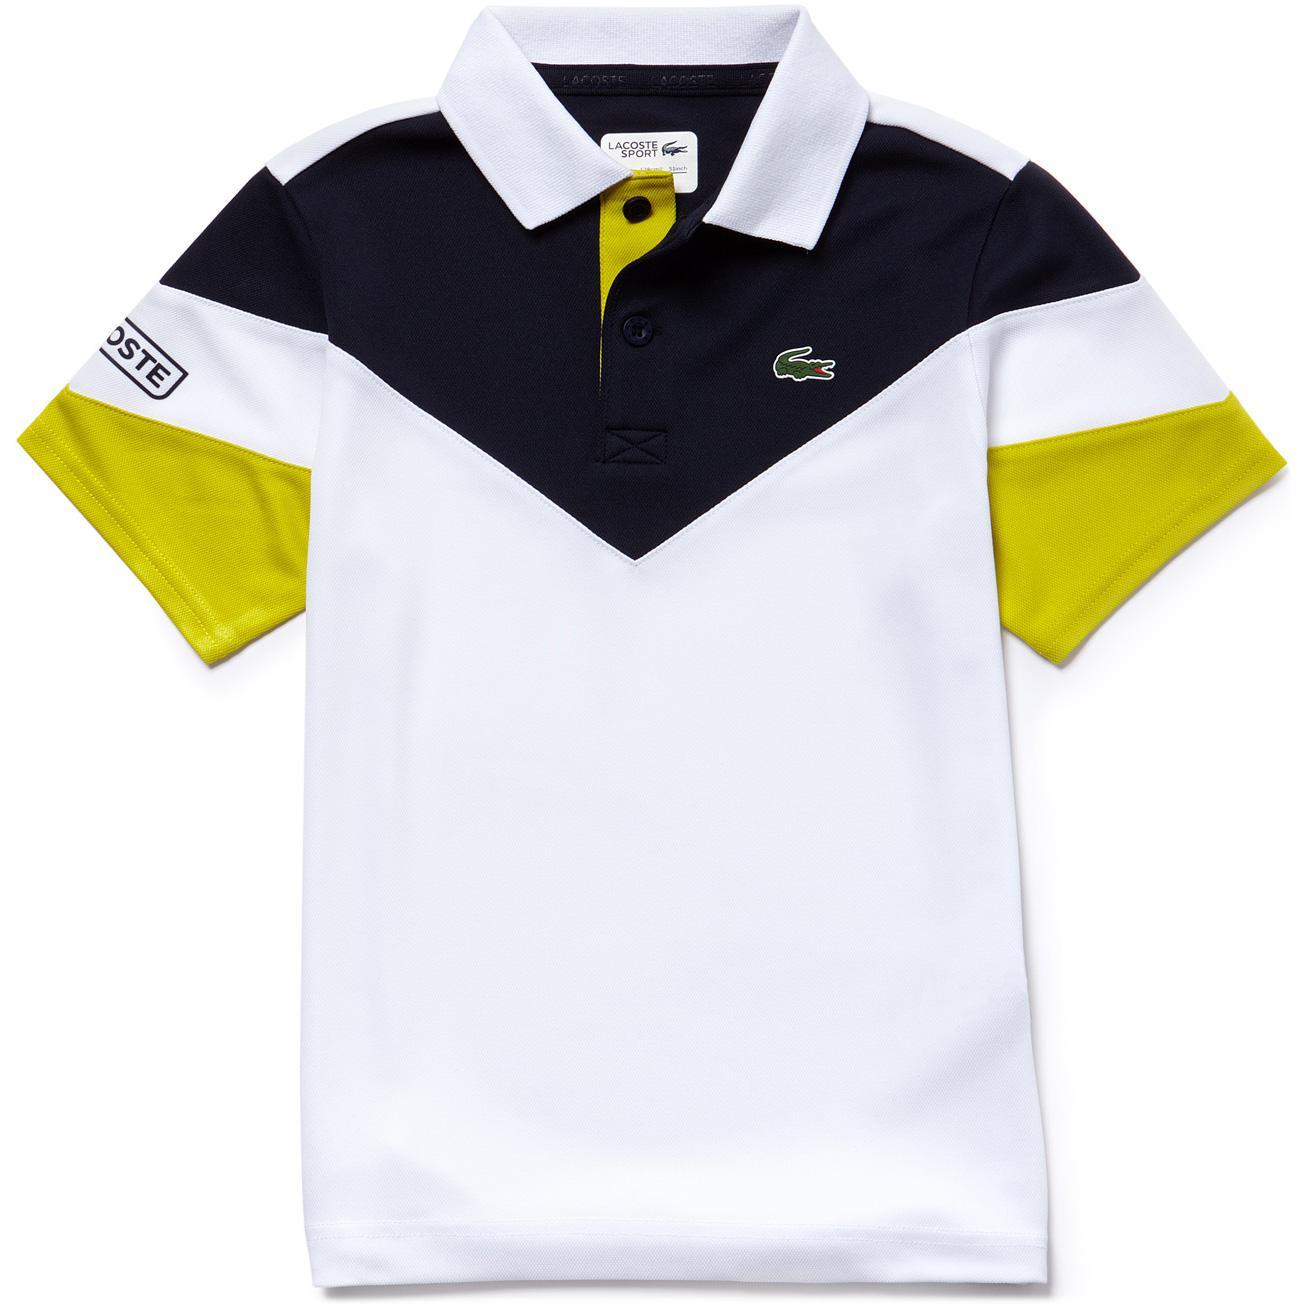 17a8d30bff Lacoste Sport Boys Tennis Colourblock Tech Pique Polo - White/Navy/Yellow